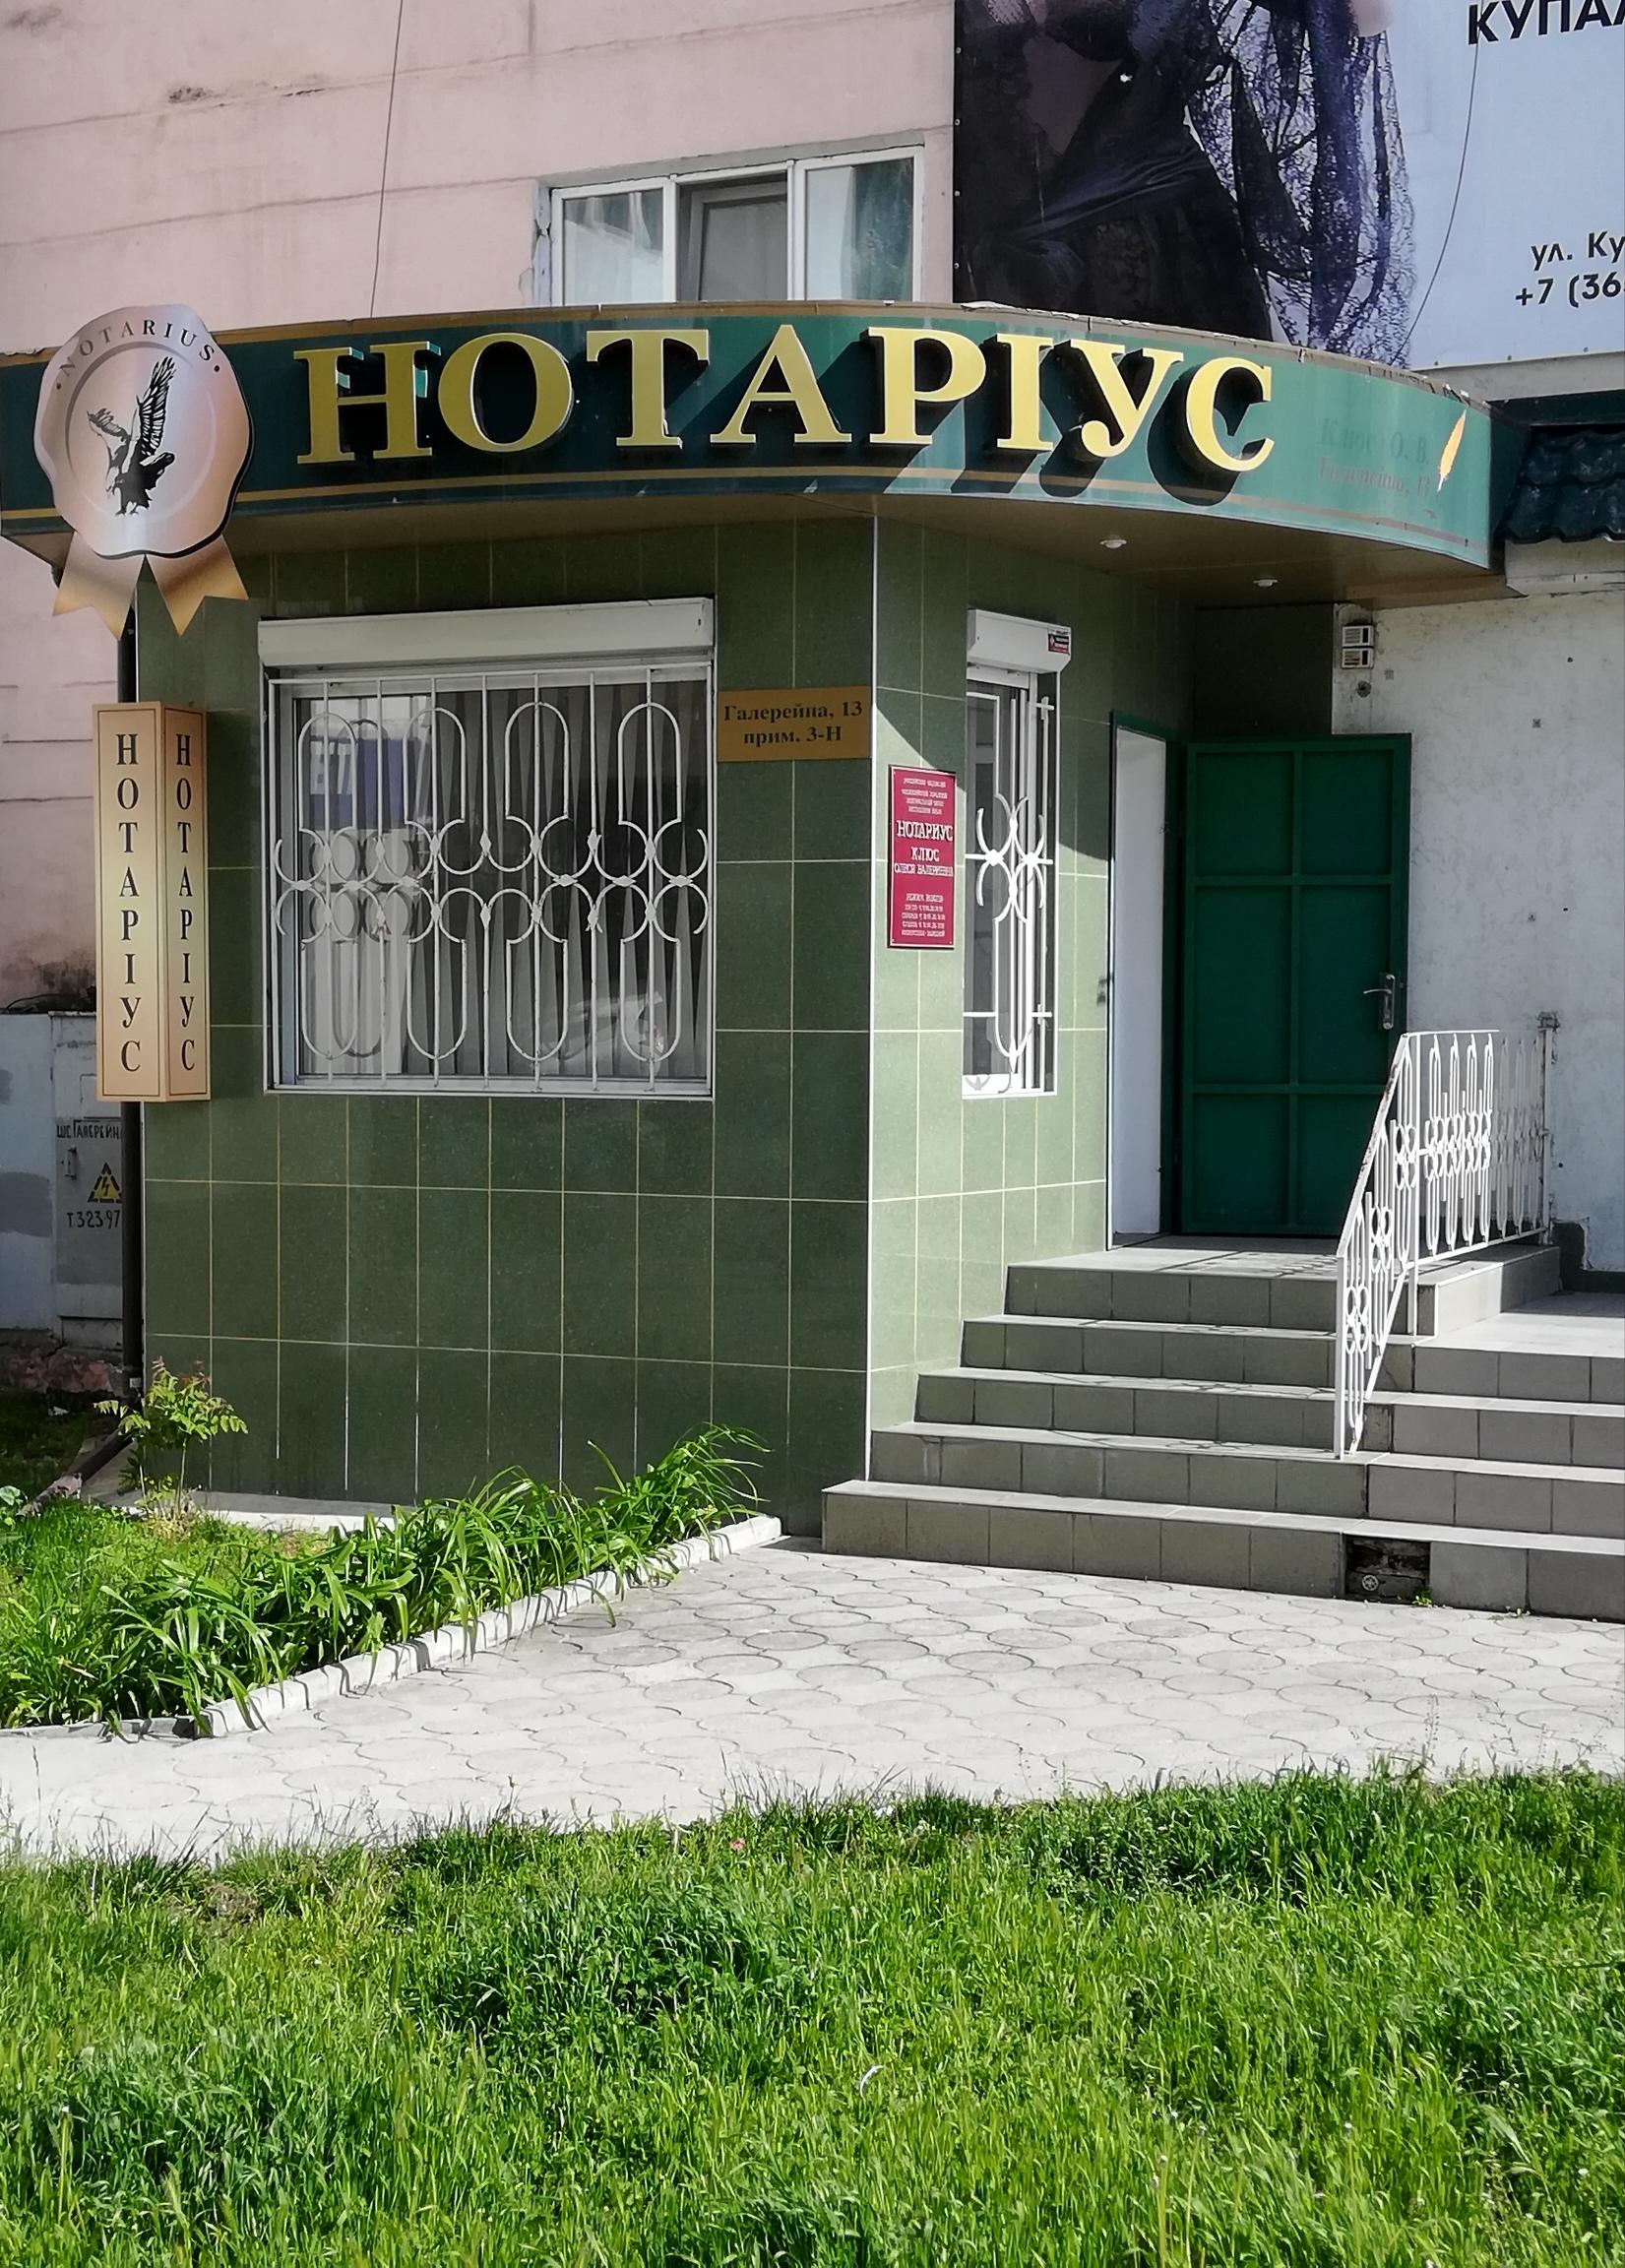 Фирма: Нотариус Феодосийского городского нотариального округа Республики Крым